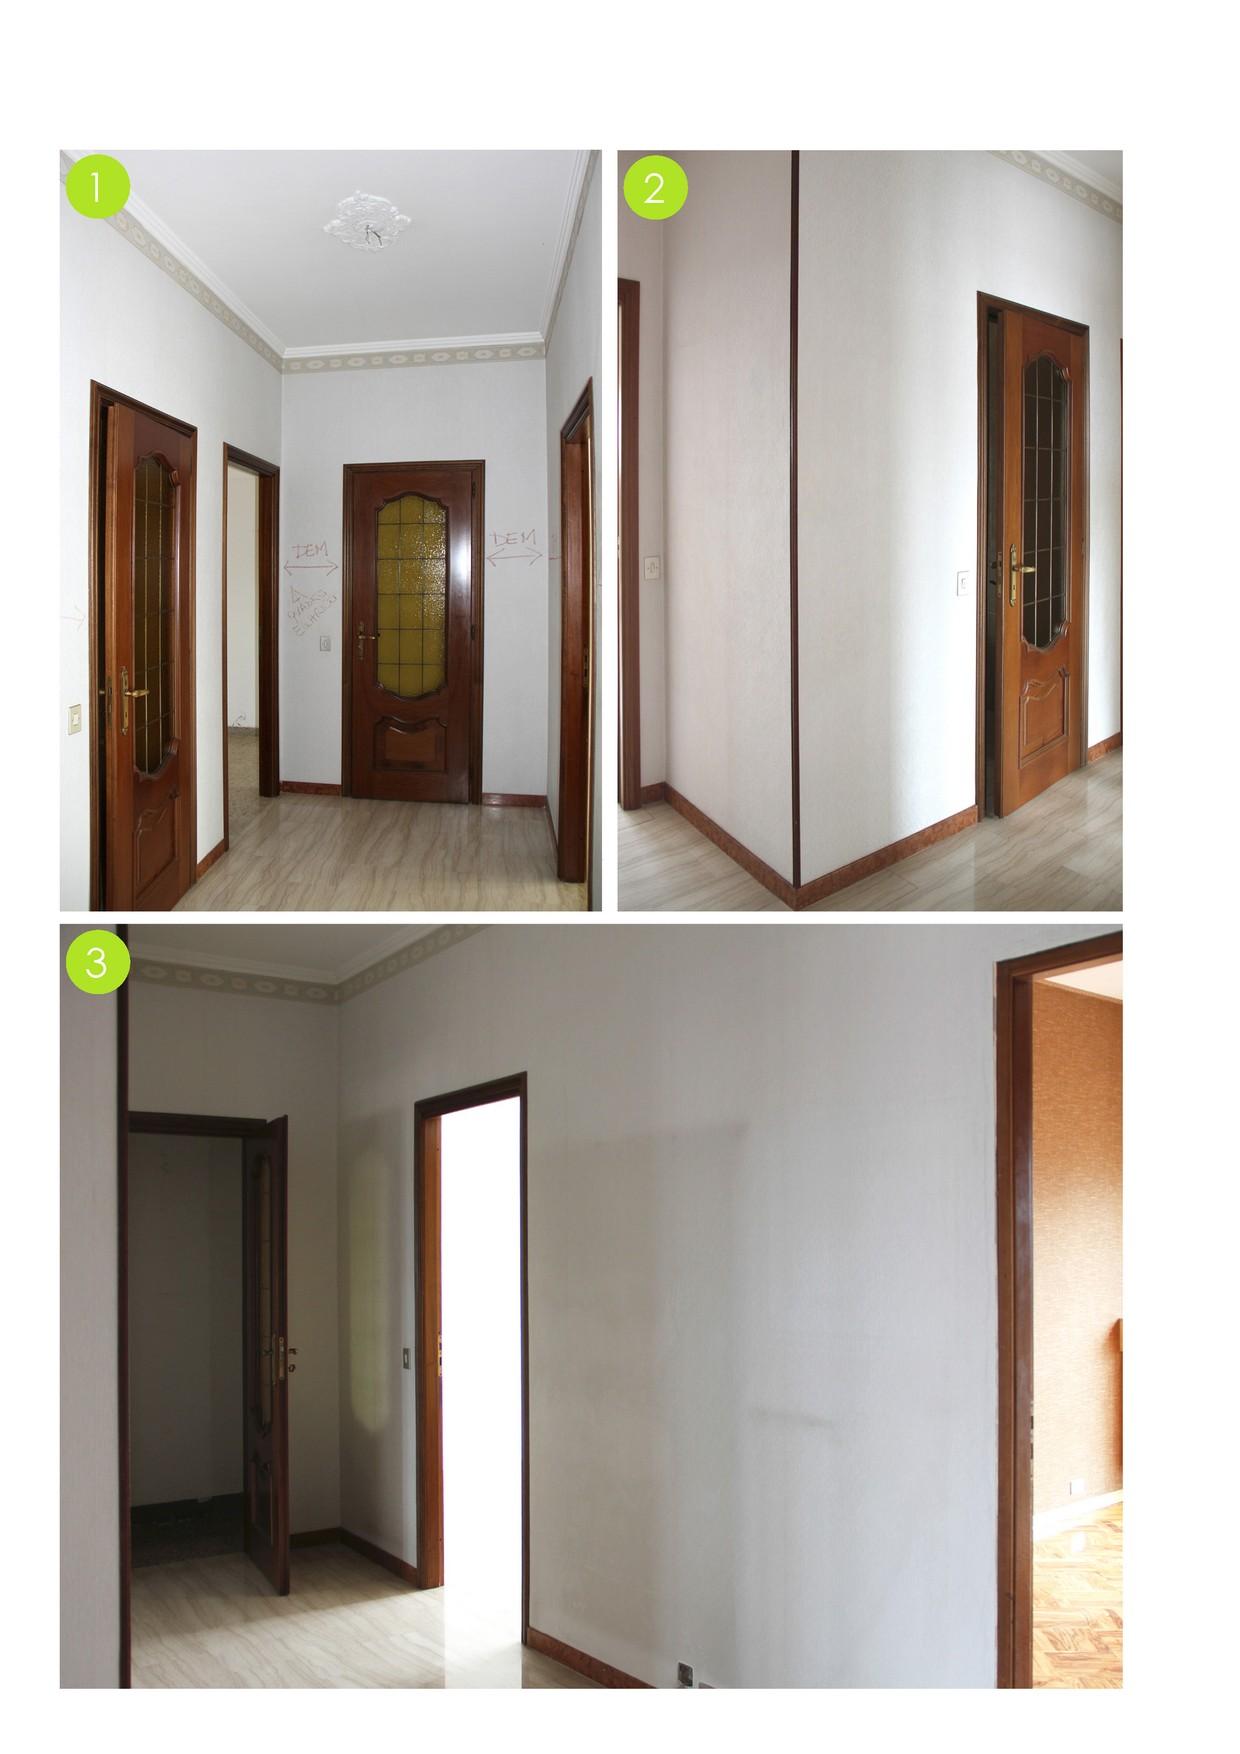 ristrutturazione-casa-torino-3 - Kreocasa - Negozio di Arredamento e Design a Torino